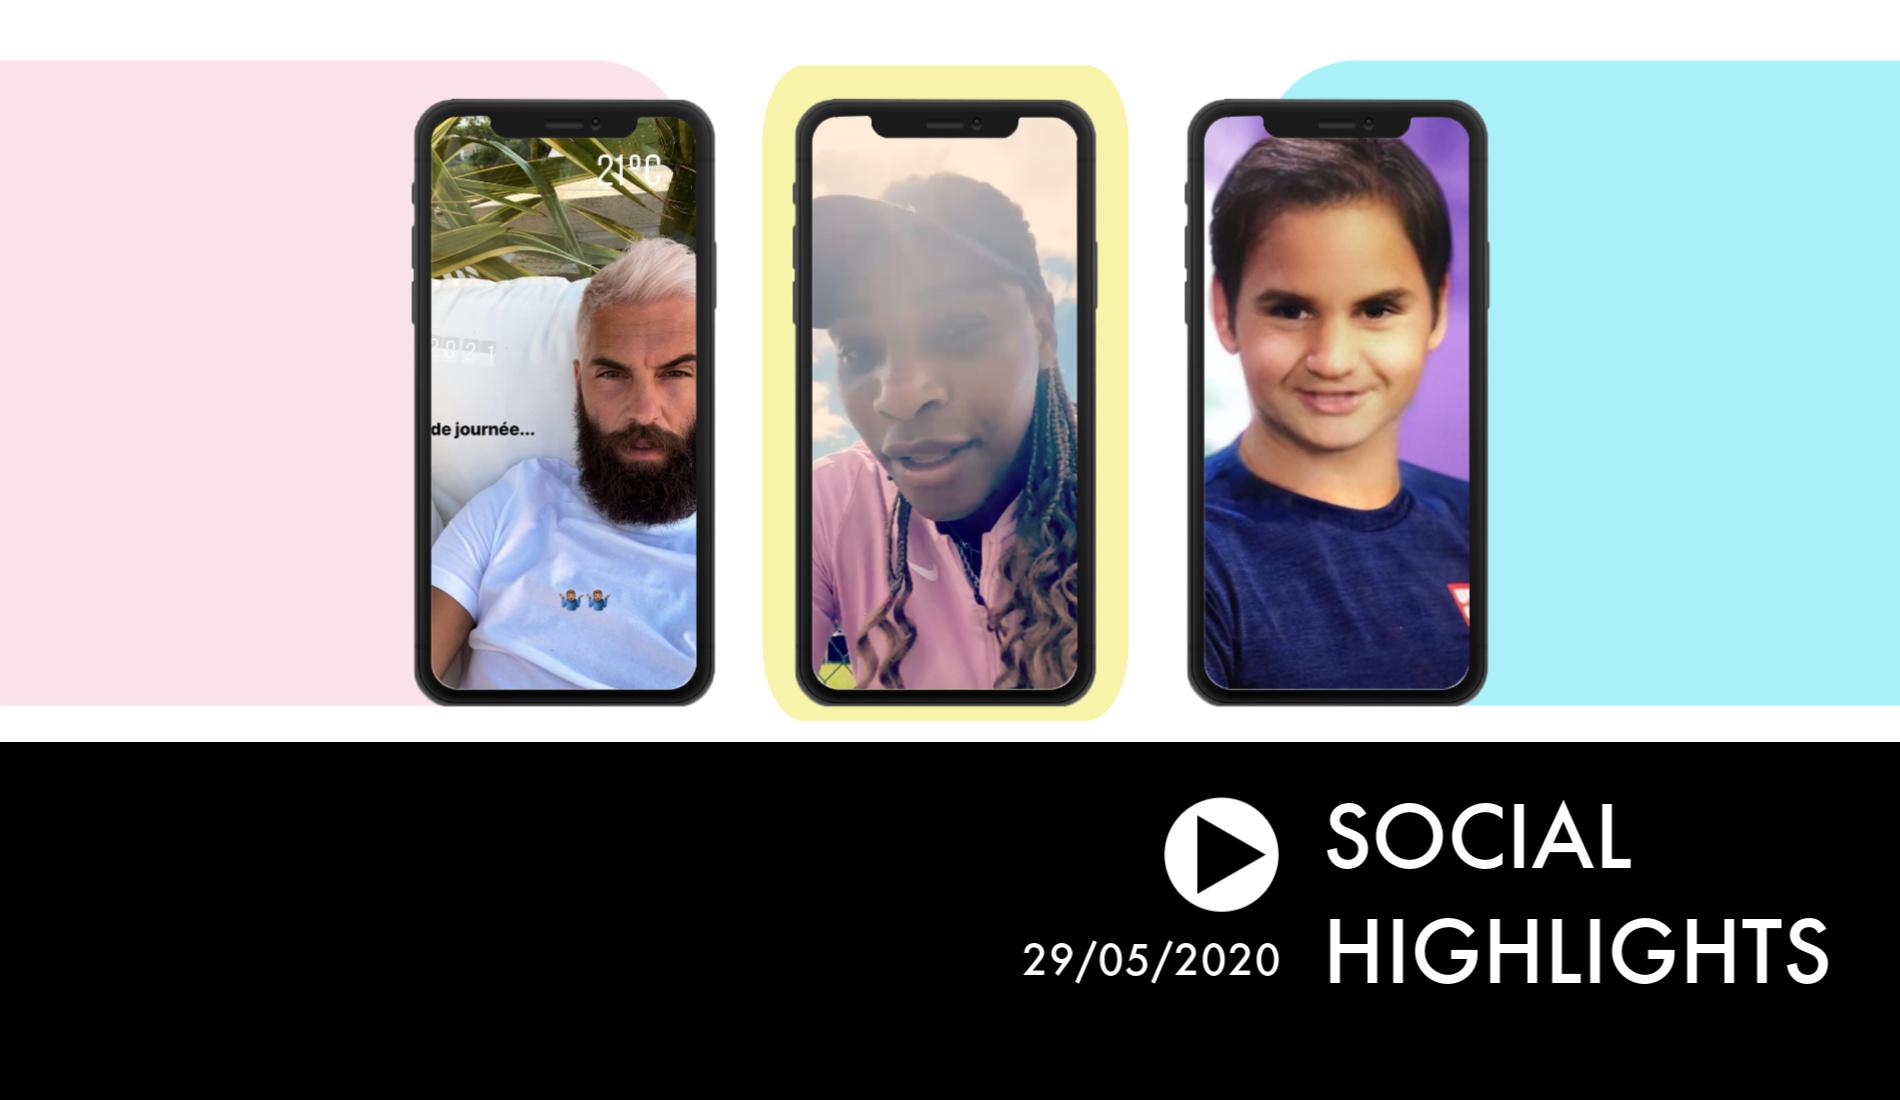 Nouvelle couleur de cheveux pour Benoit Paire - Social Highlights 29.05.20